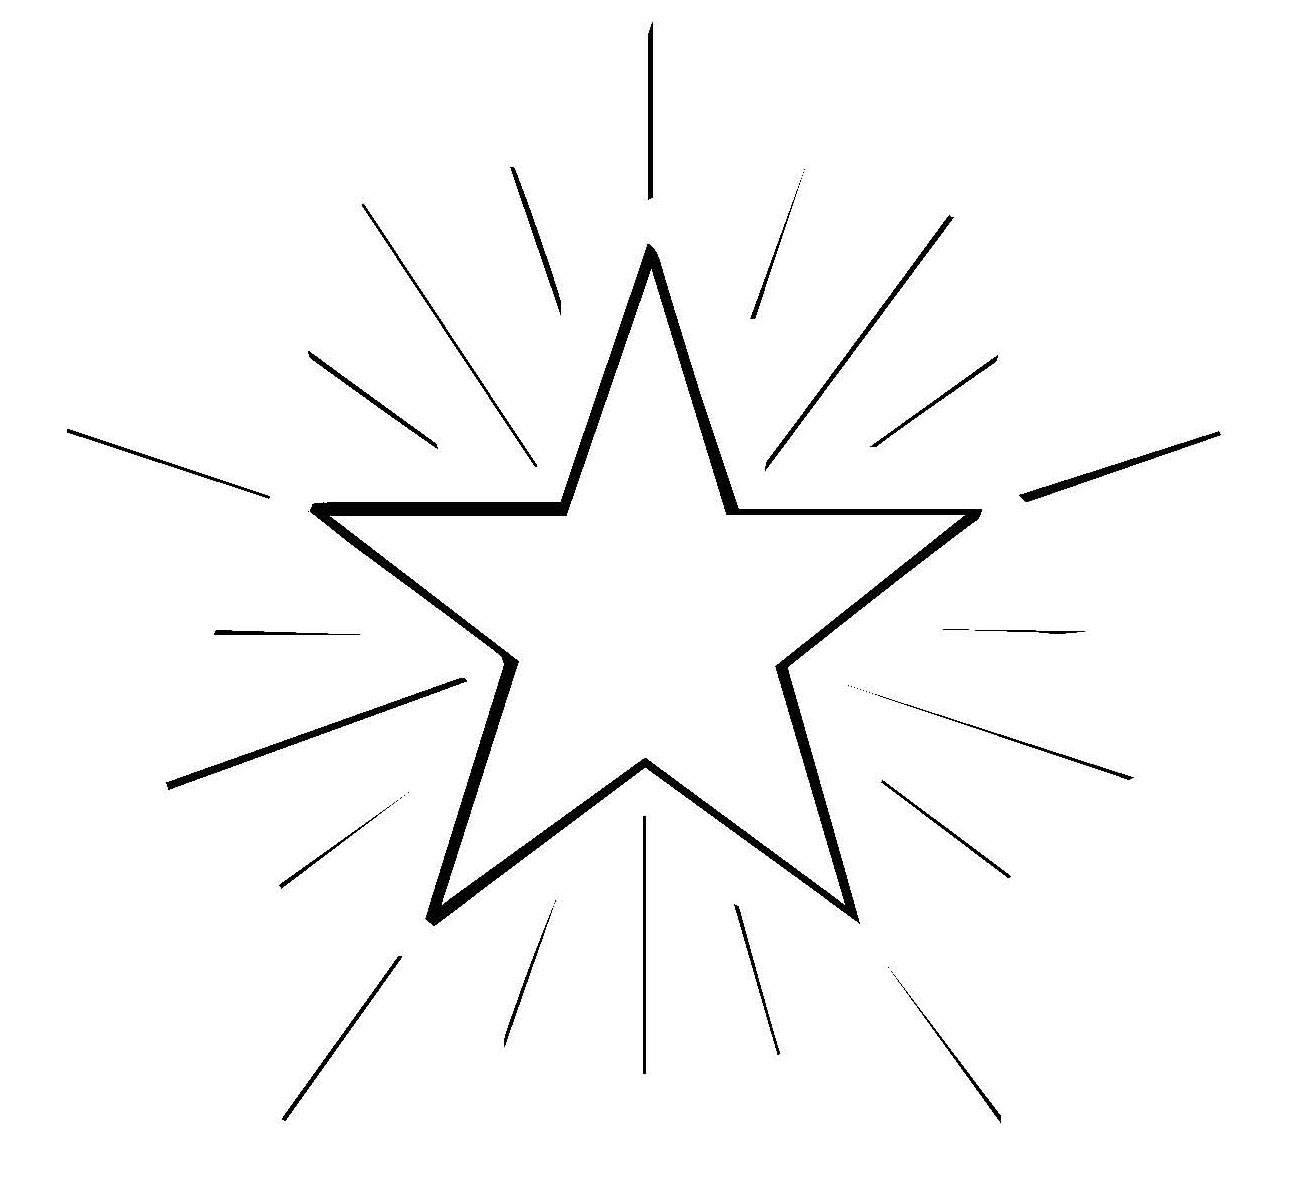 Sterne Ausmalbilder  Kostenlose Malvorlage Schneeflocken und Sterne Stern 4